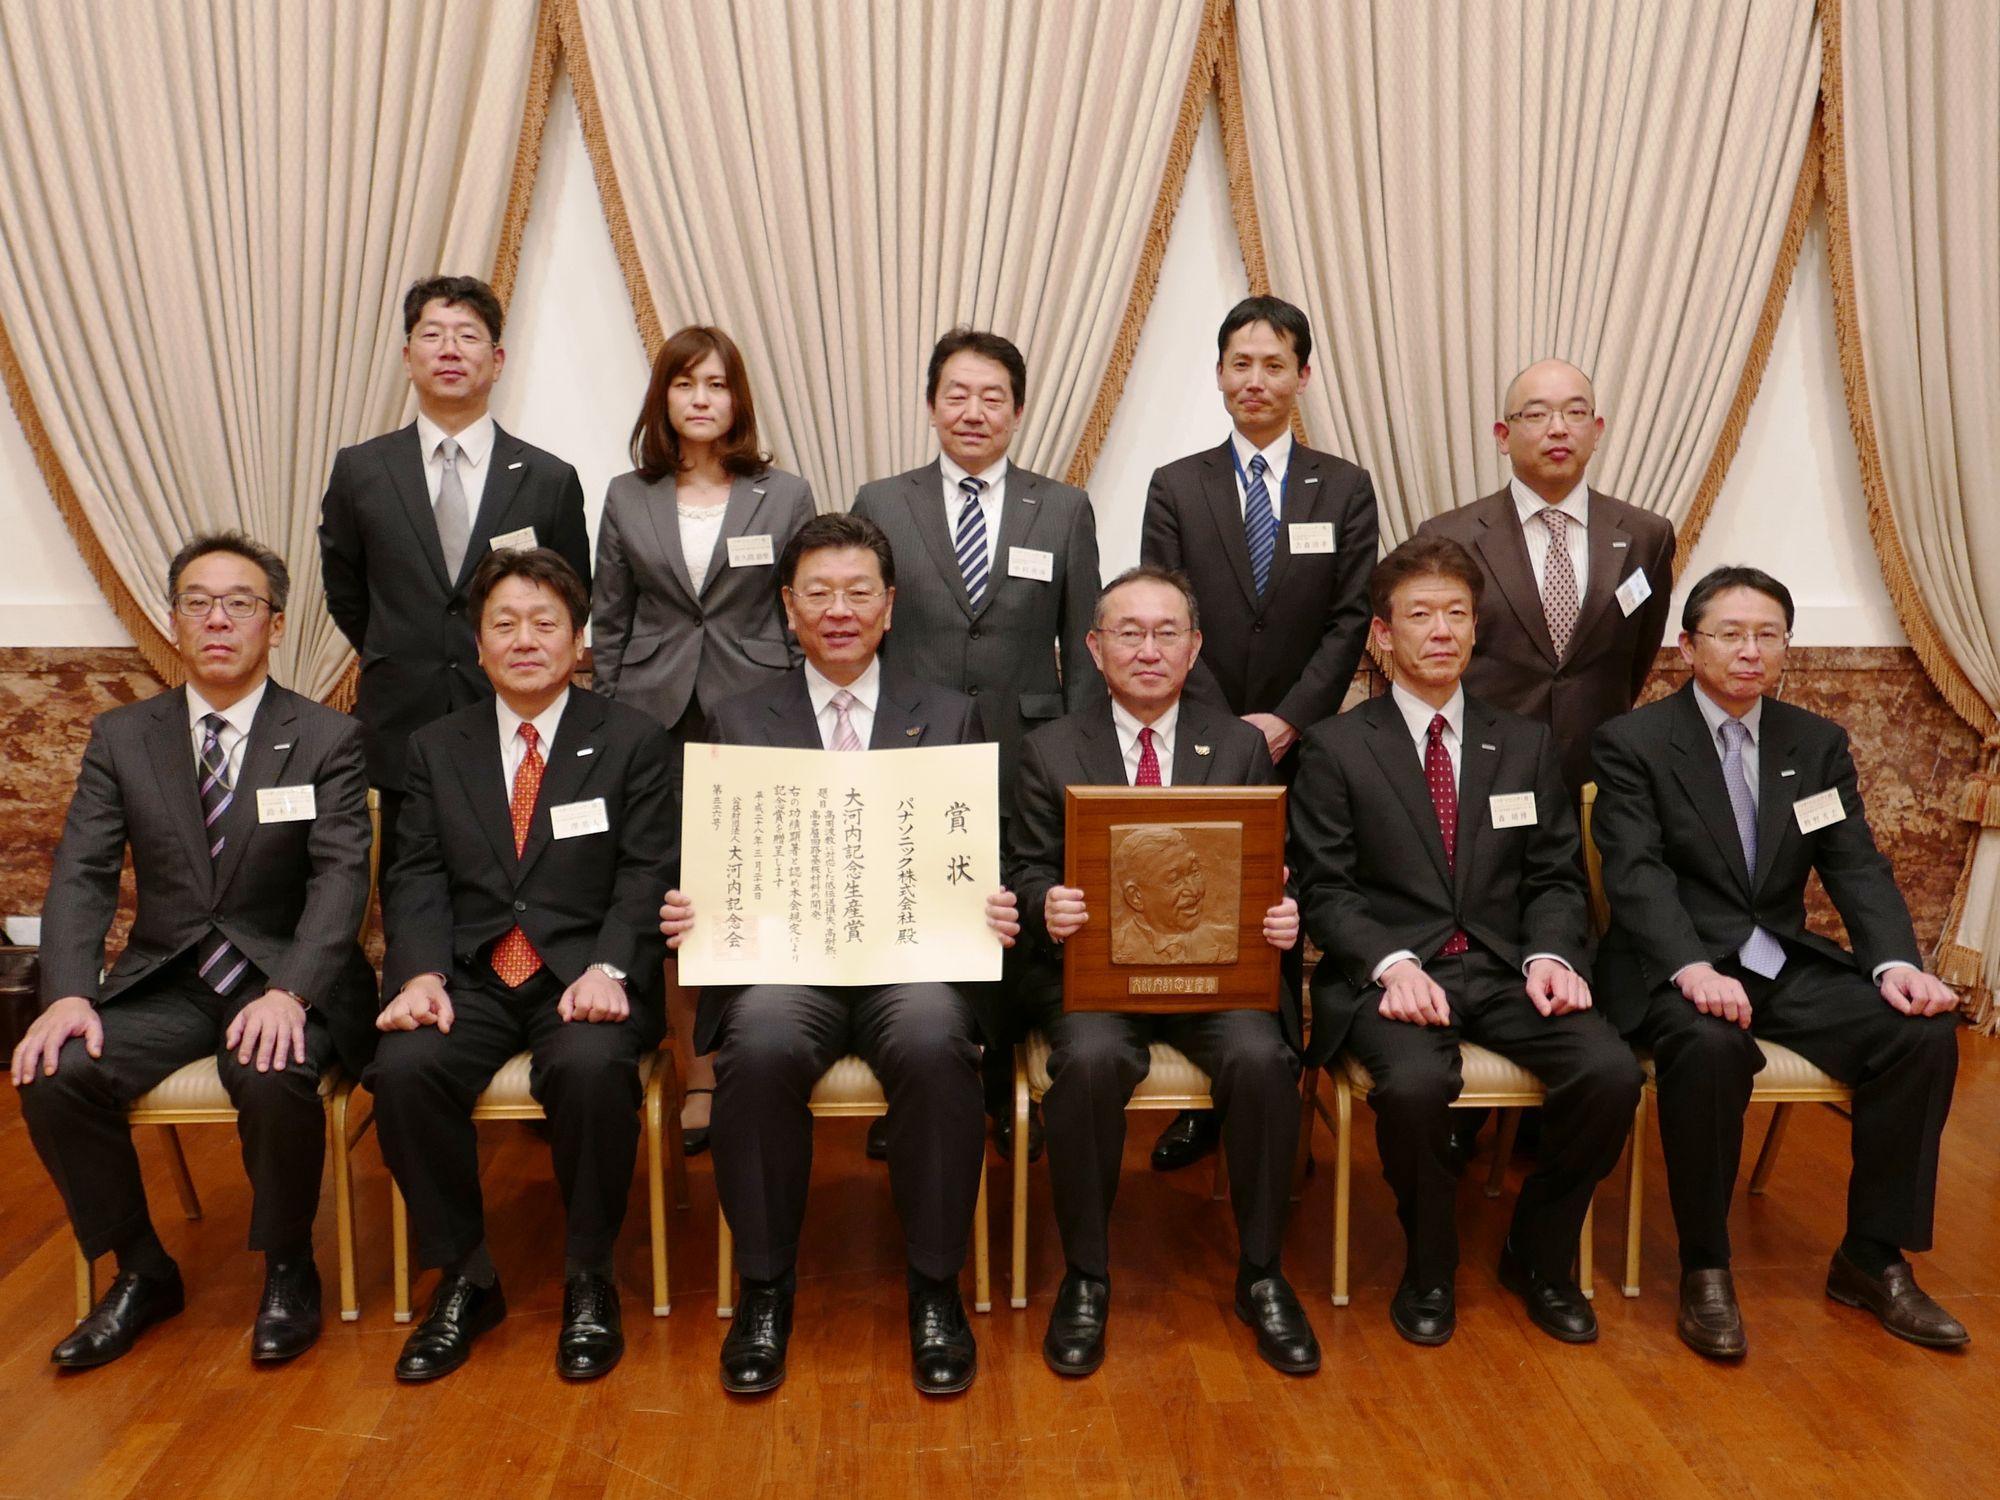 贈賞式に出席した「第62回大河内賞 大河内記念生産賞」の受賞関係者